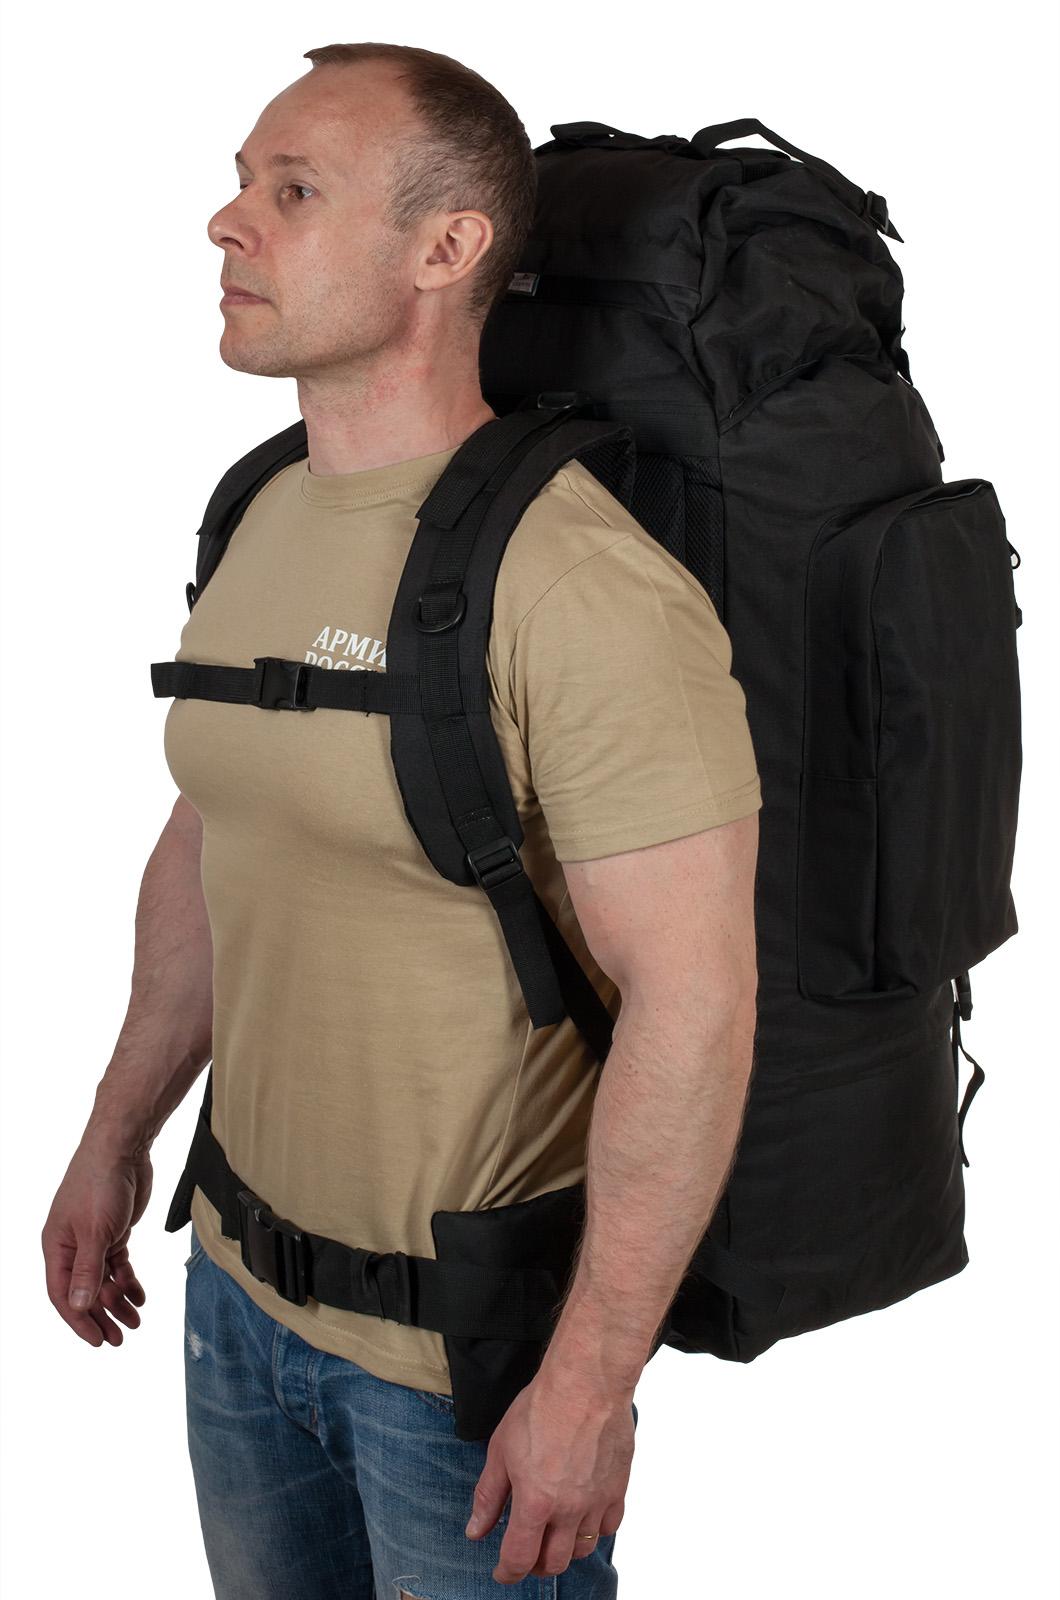 Многодневный черный рюкзак МВД Max Fuchs - купить выгодно